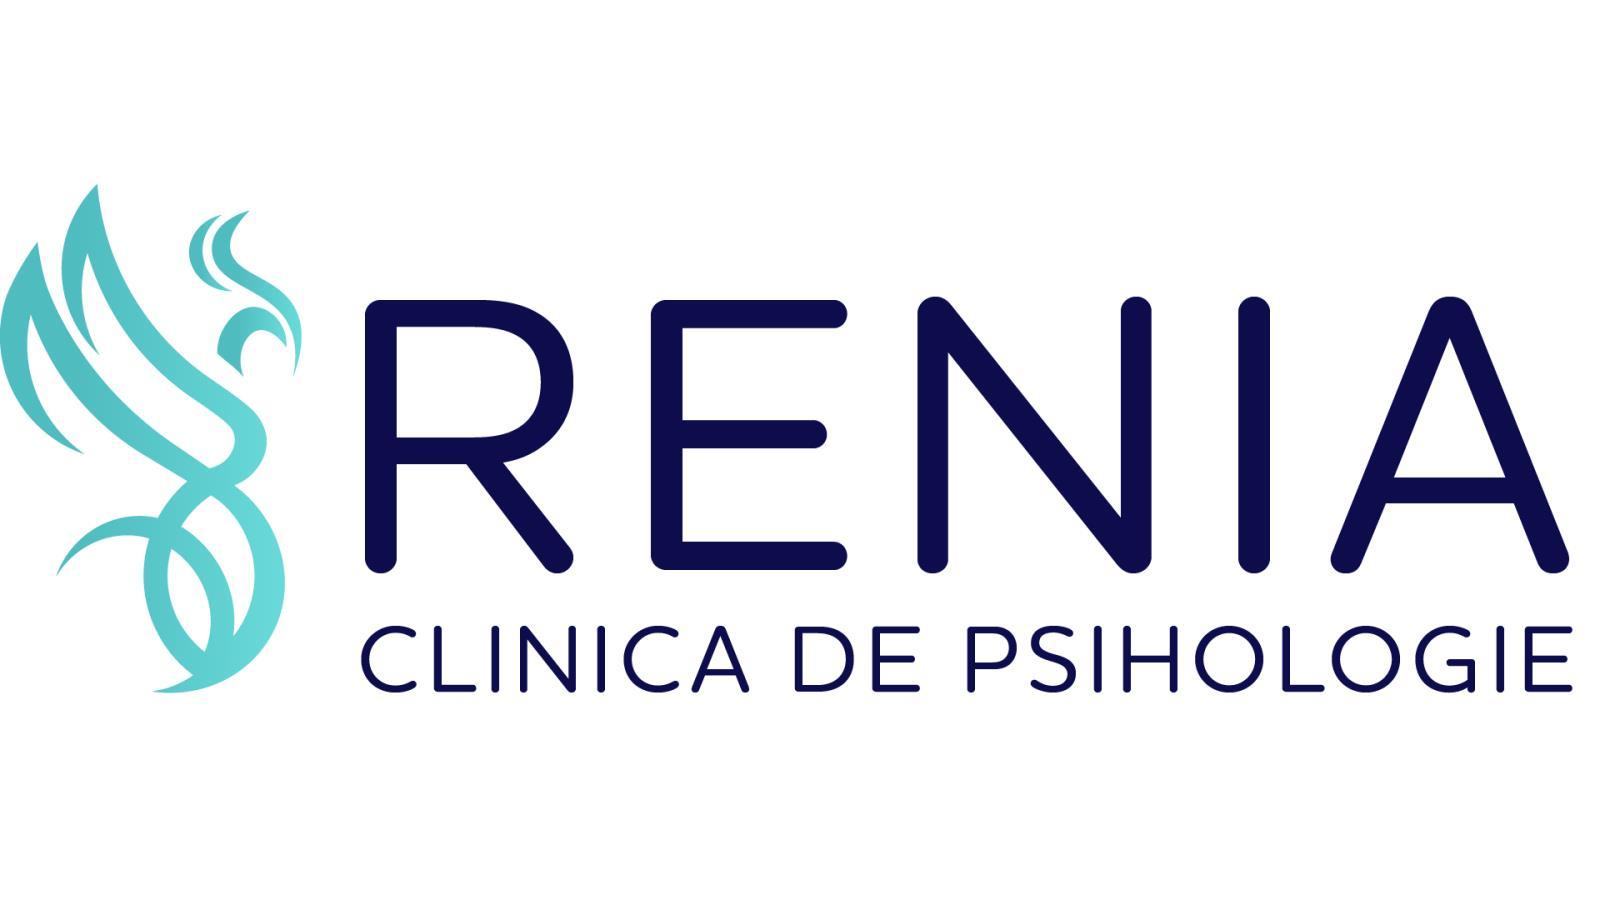 Clinica Clinica de Psihologie Renia